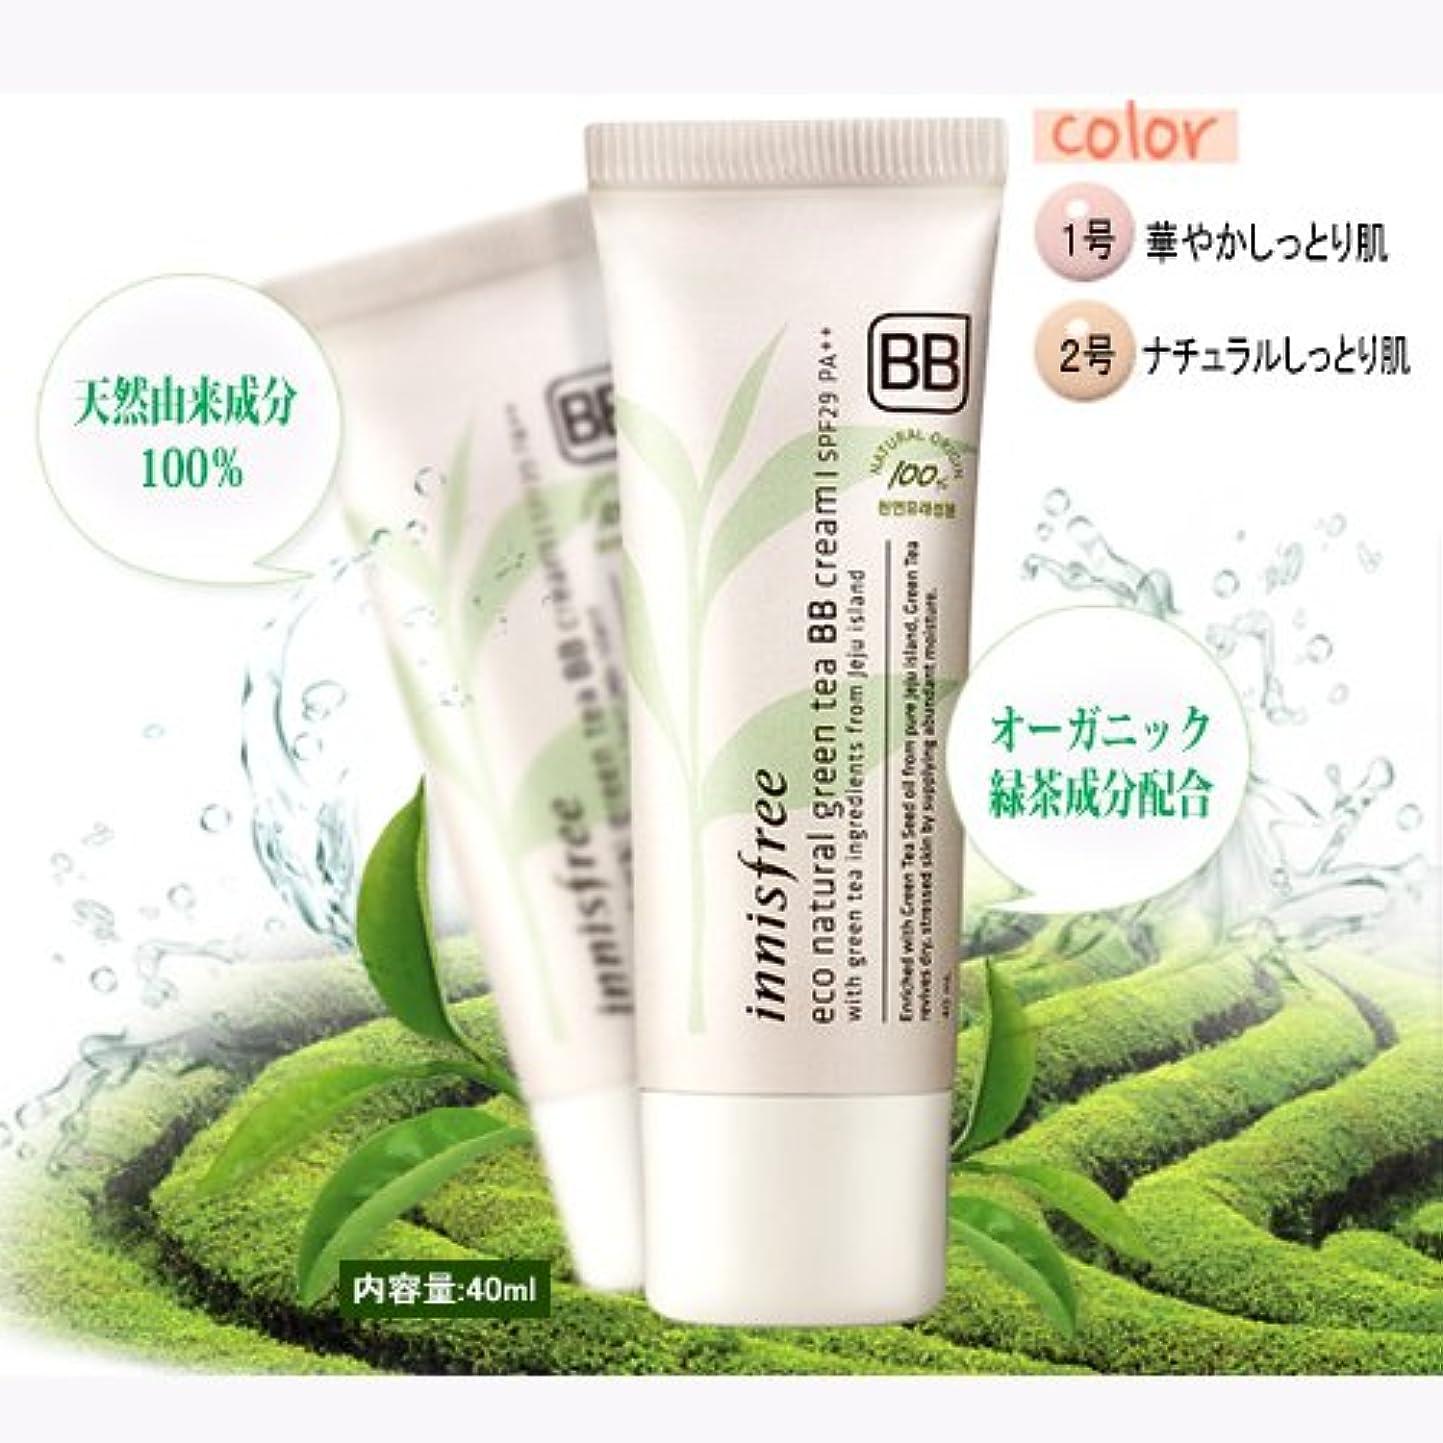 下品断片着実にinnisfree/イニスフリー Eco Natural Green Tea BB Cream #01 /エコナチュラルグリーンティーBBクリーム 華やかなしっとり肌 SPF29PA++40ml